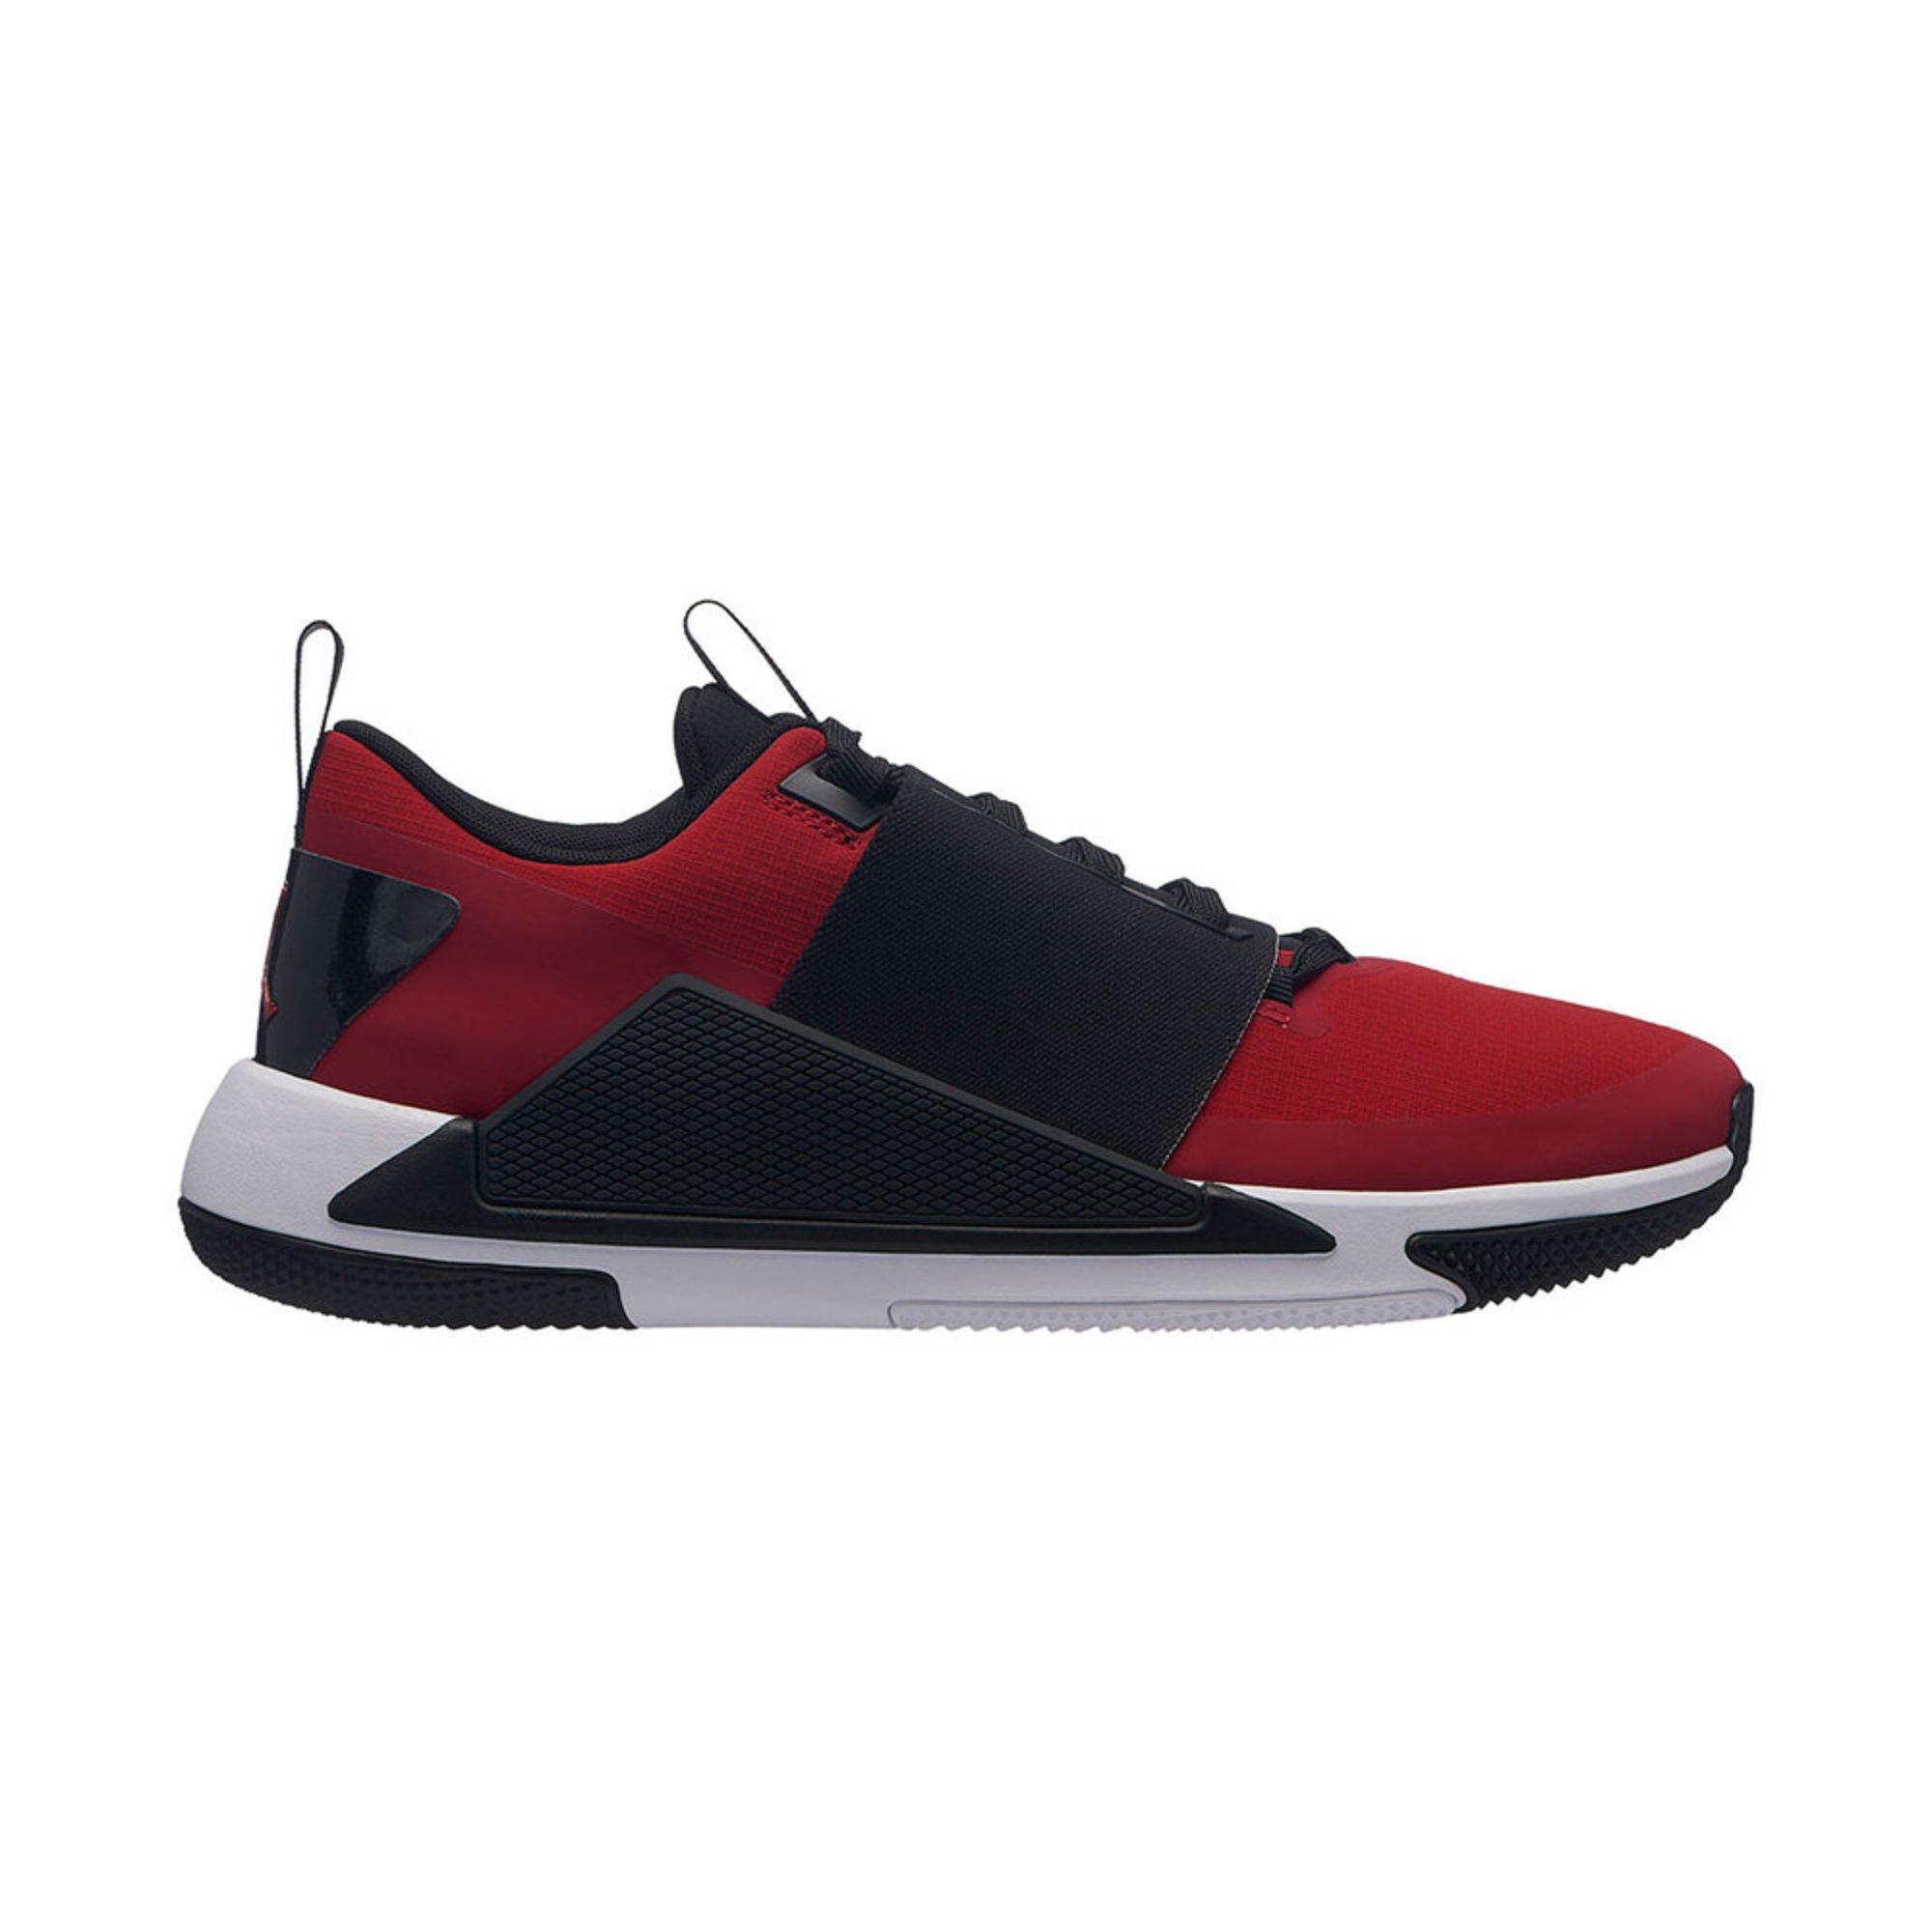 a3bc08c1f1001e Jordan. Jordan Men s Trainer Pro 2 Training Shoe